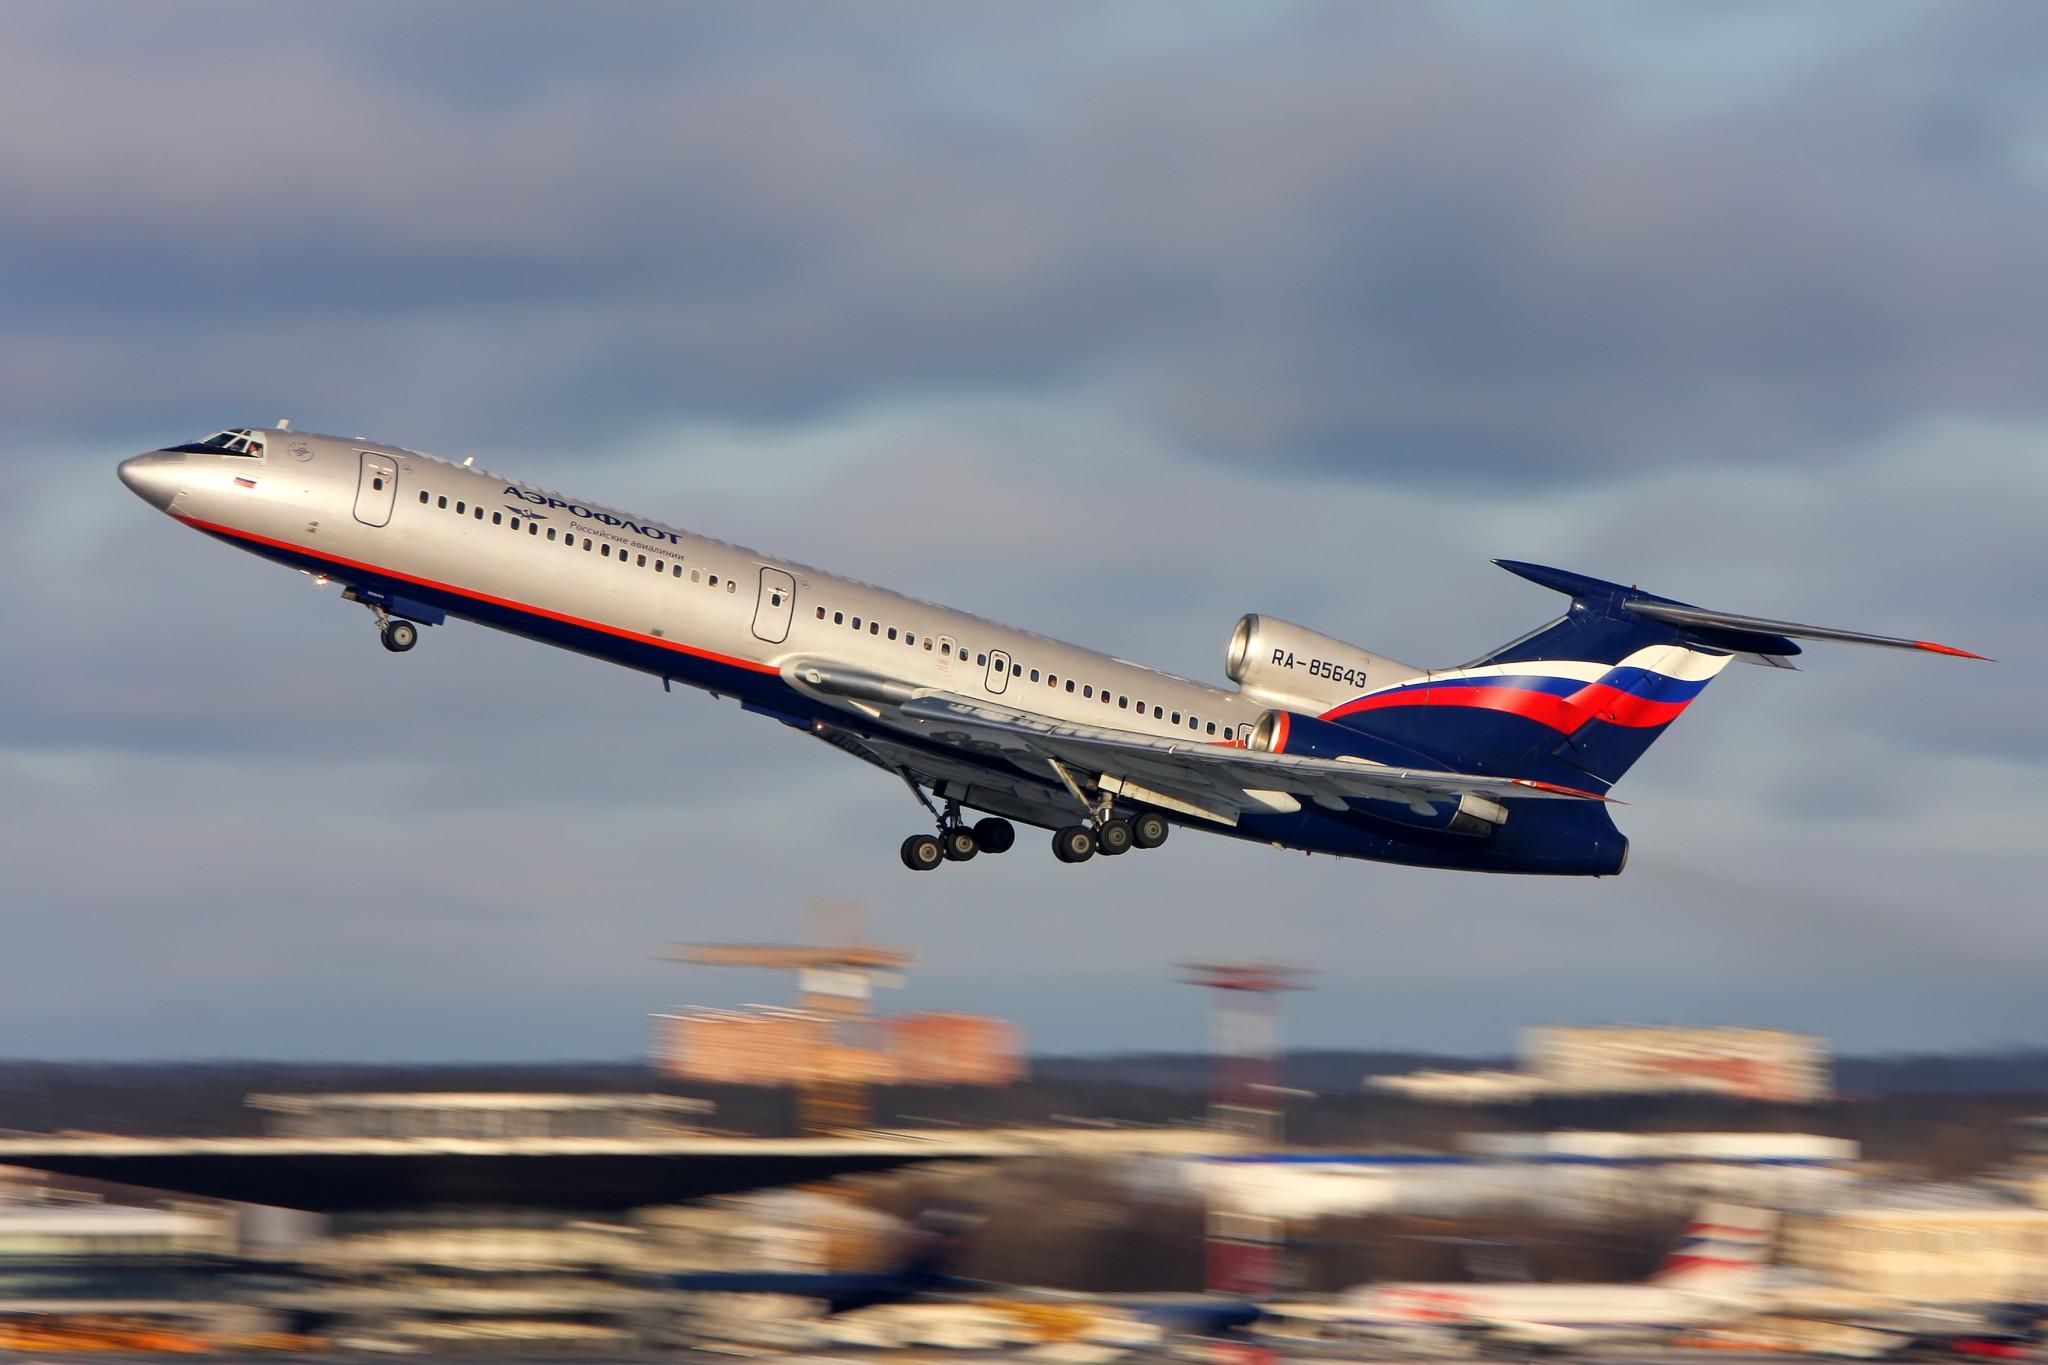 Исповедь пилота «Аэрофлота»: Безопасность наше руководство интересует меньше, чем их премии